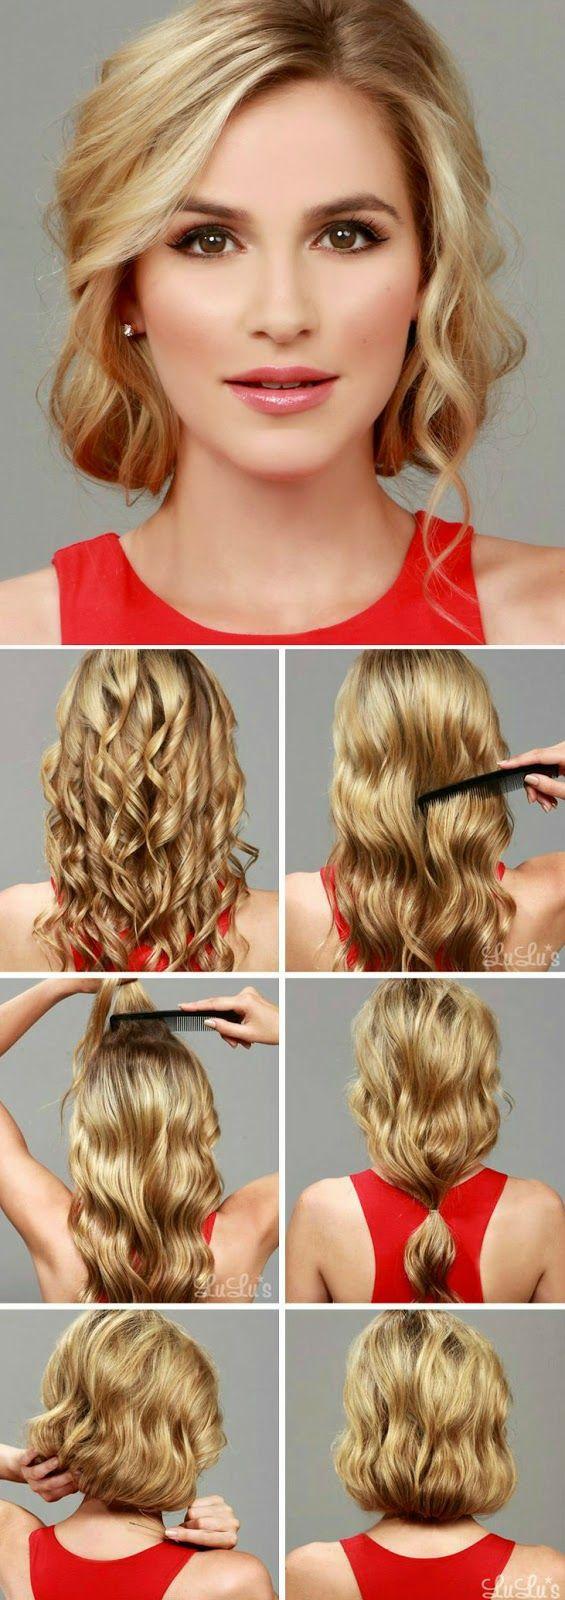 How To Faux Bob Hair Tutorial Long Hair Styles Hair Styles 1920s Hair Tutorial